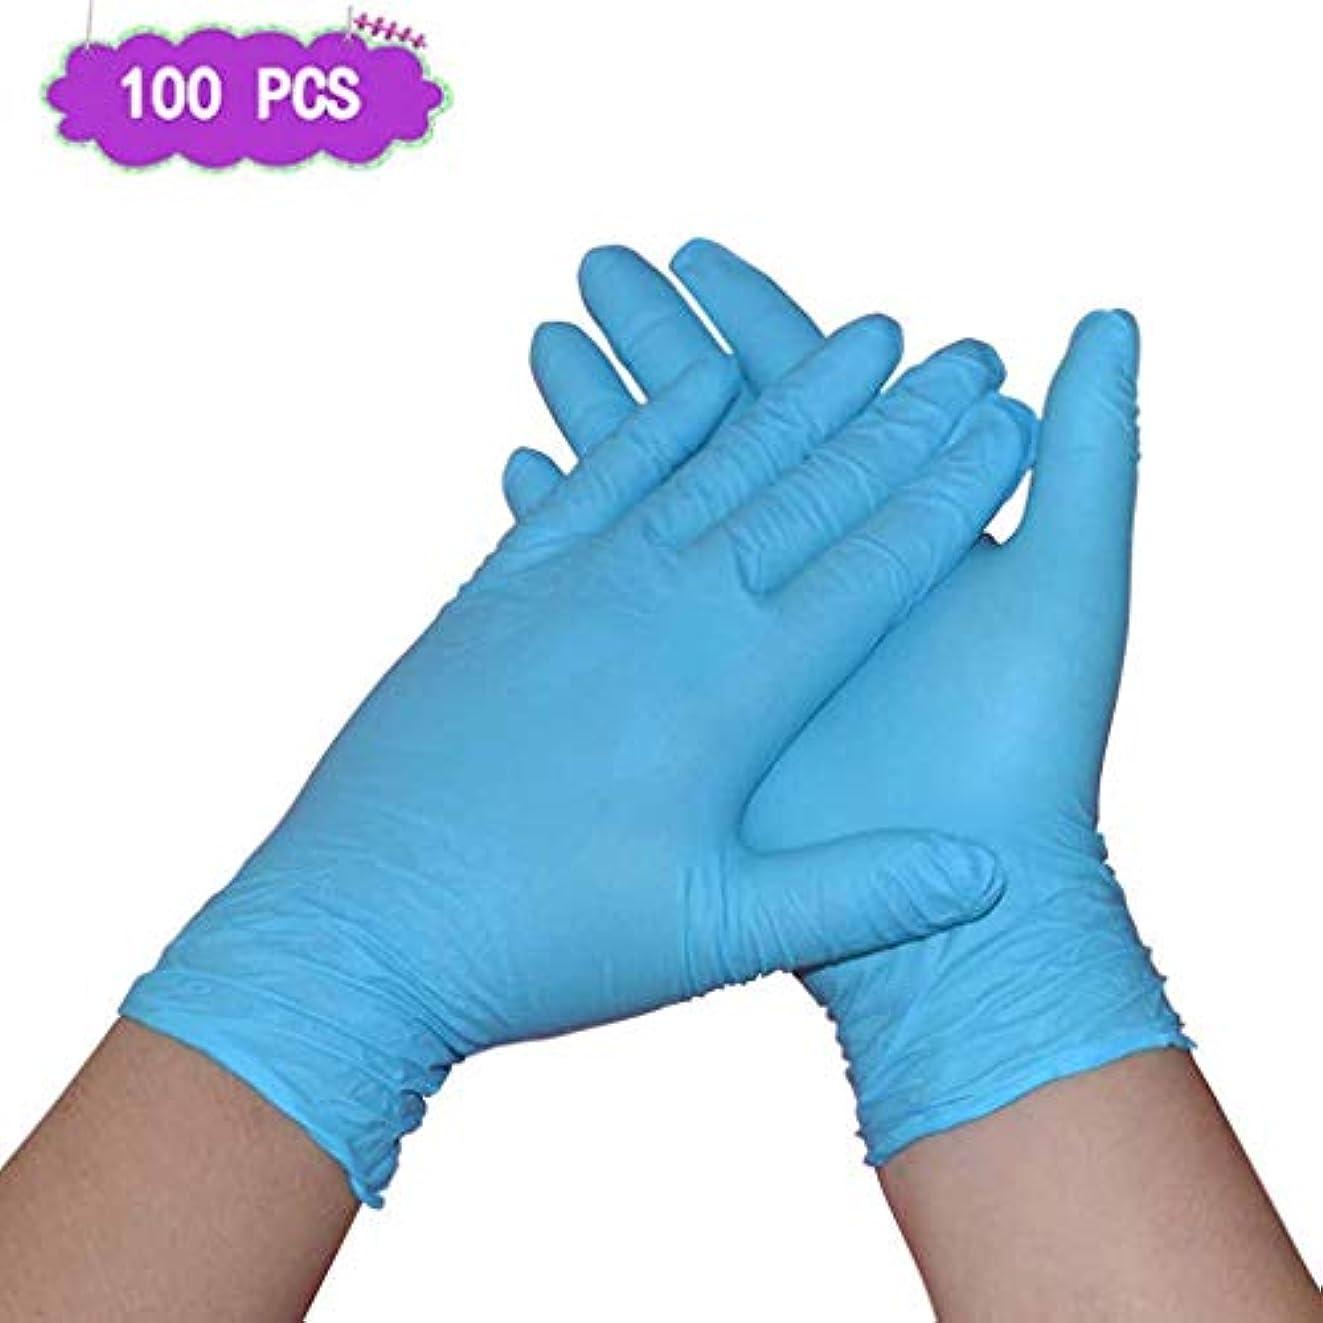 ニトリル手袋9インチ厚い青いラテックスゴム家事美防水酸とアルカリの義務試験手袋|病院、法執行機関向けのプロフェッショナルグレード (Size : L)